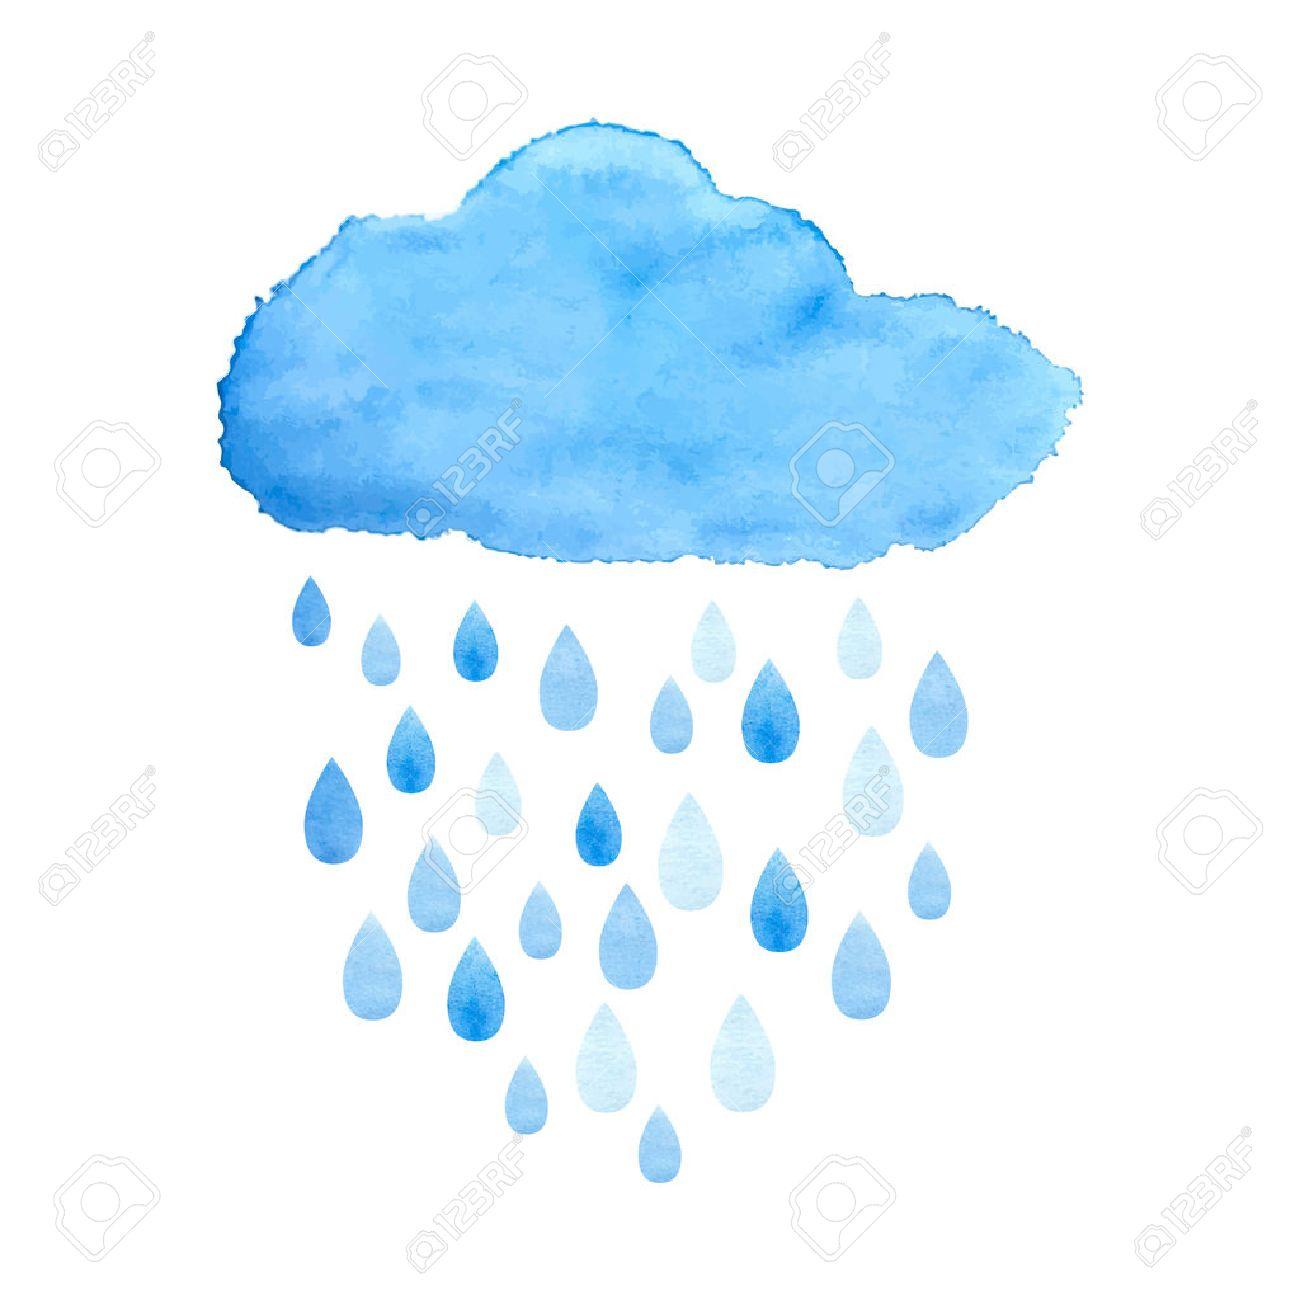 rain nimbus cloud precipitation with rain drops watercolor